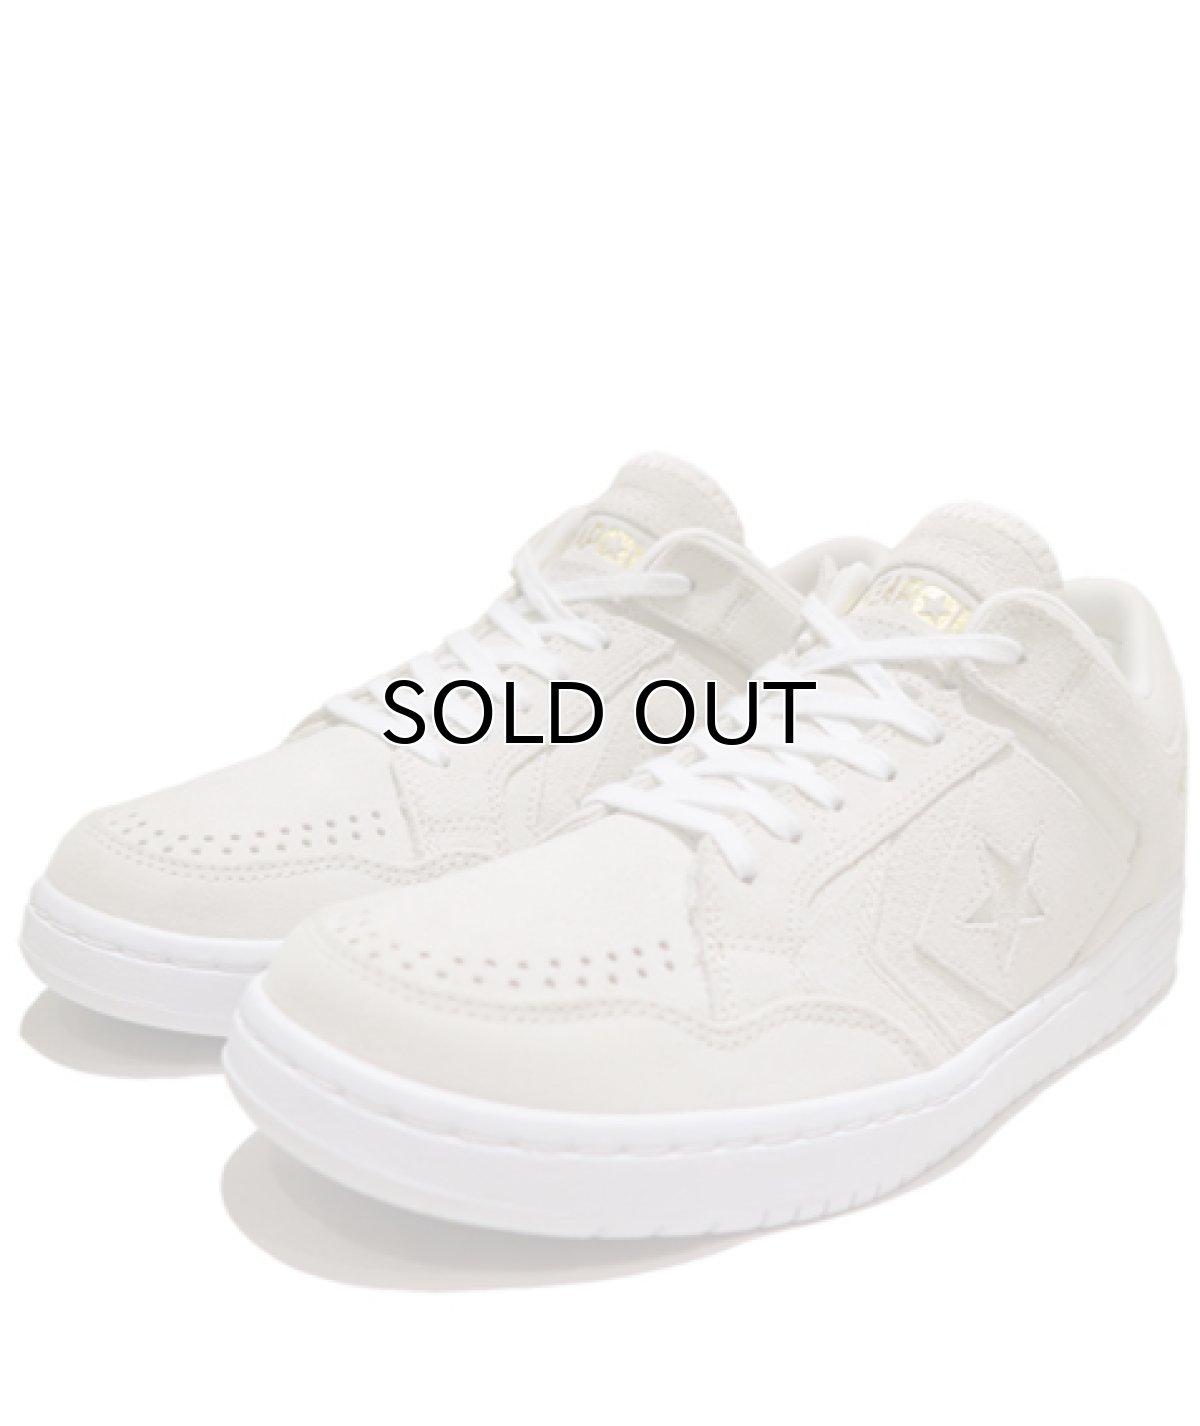 """画像1: NEW CONVERSE """"WEAPON"""" Suede Skate Shoes BEIGE size US 11 (1)"""